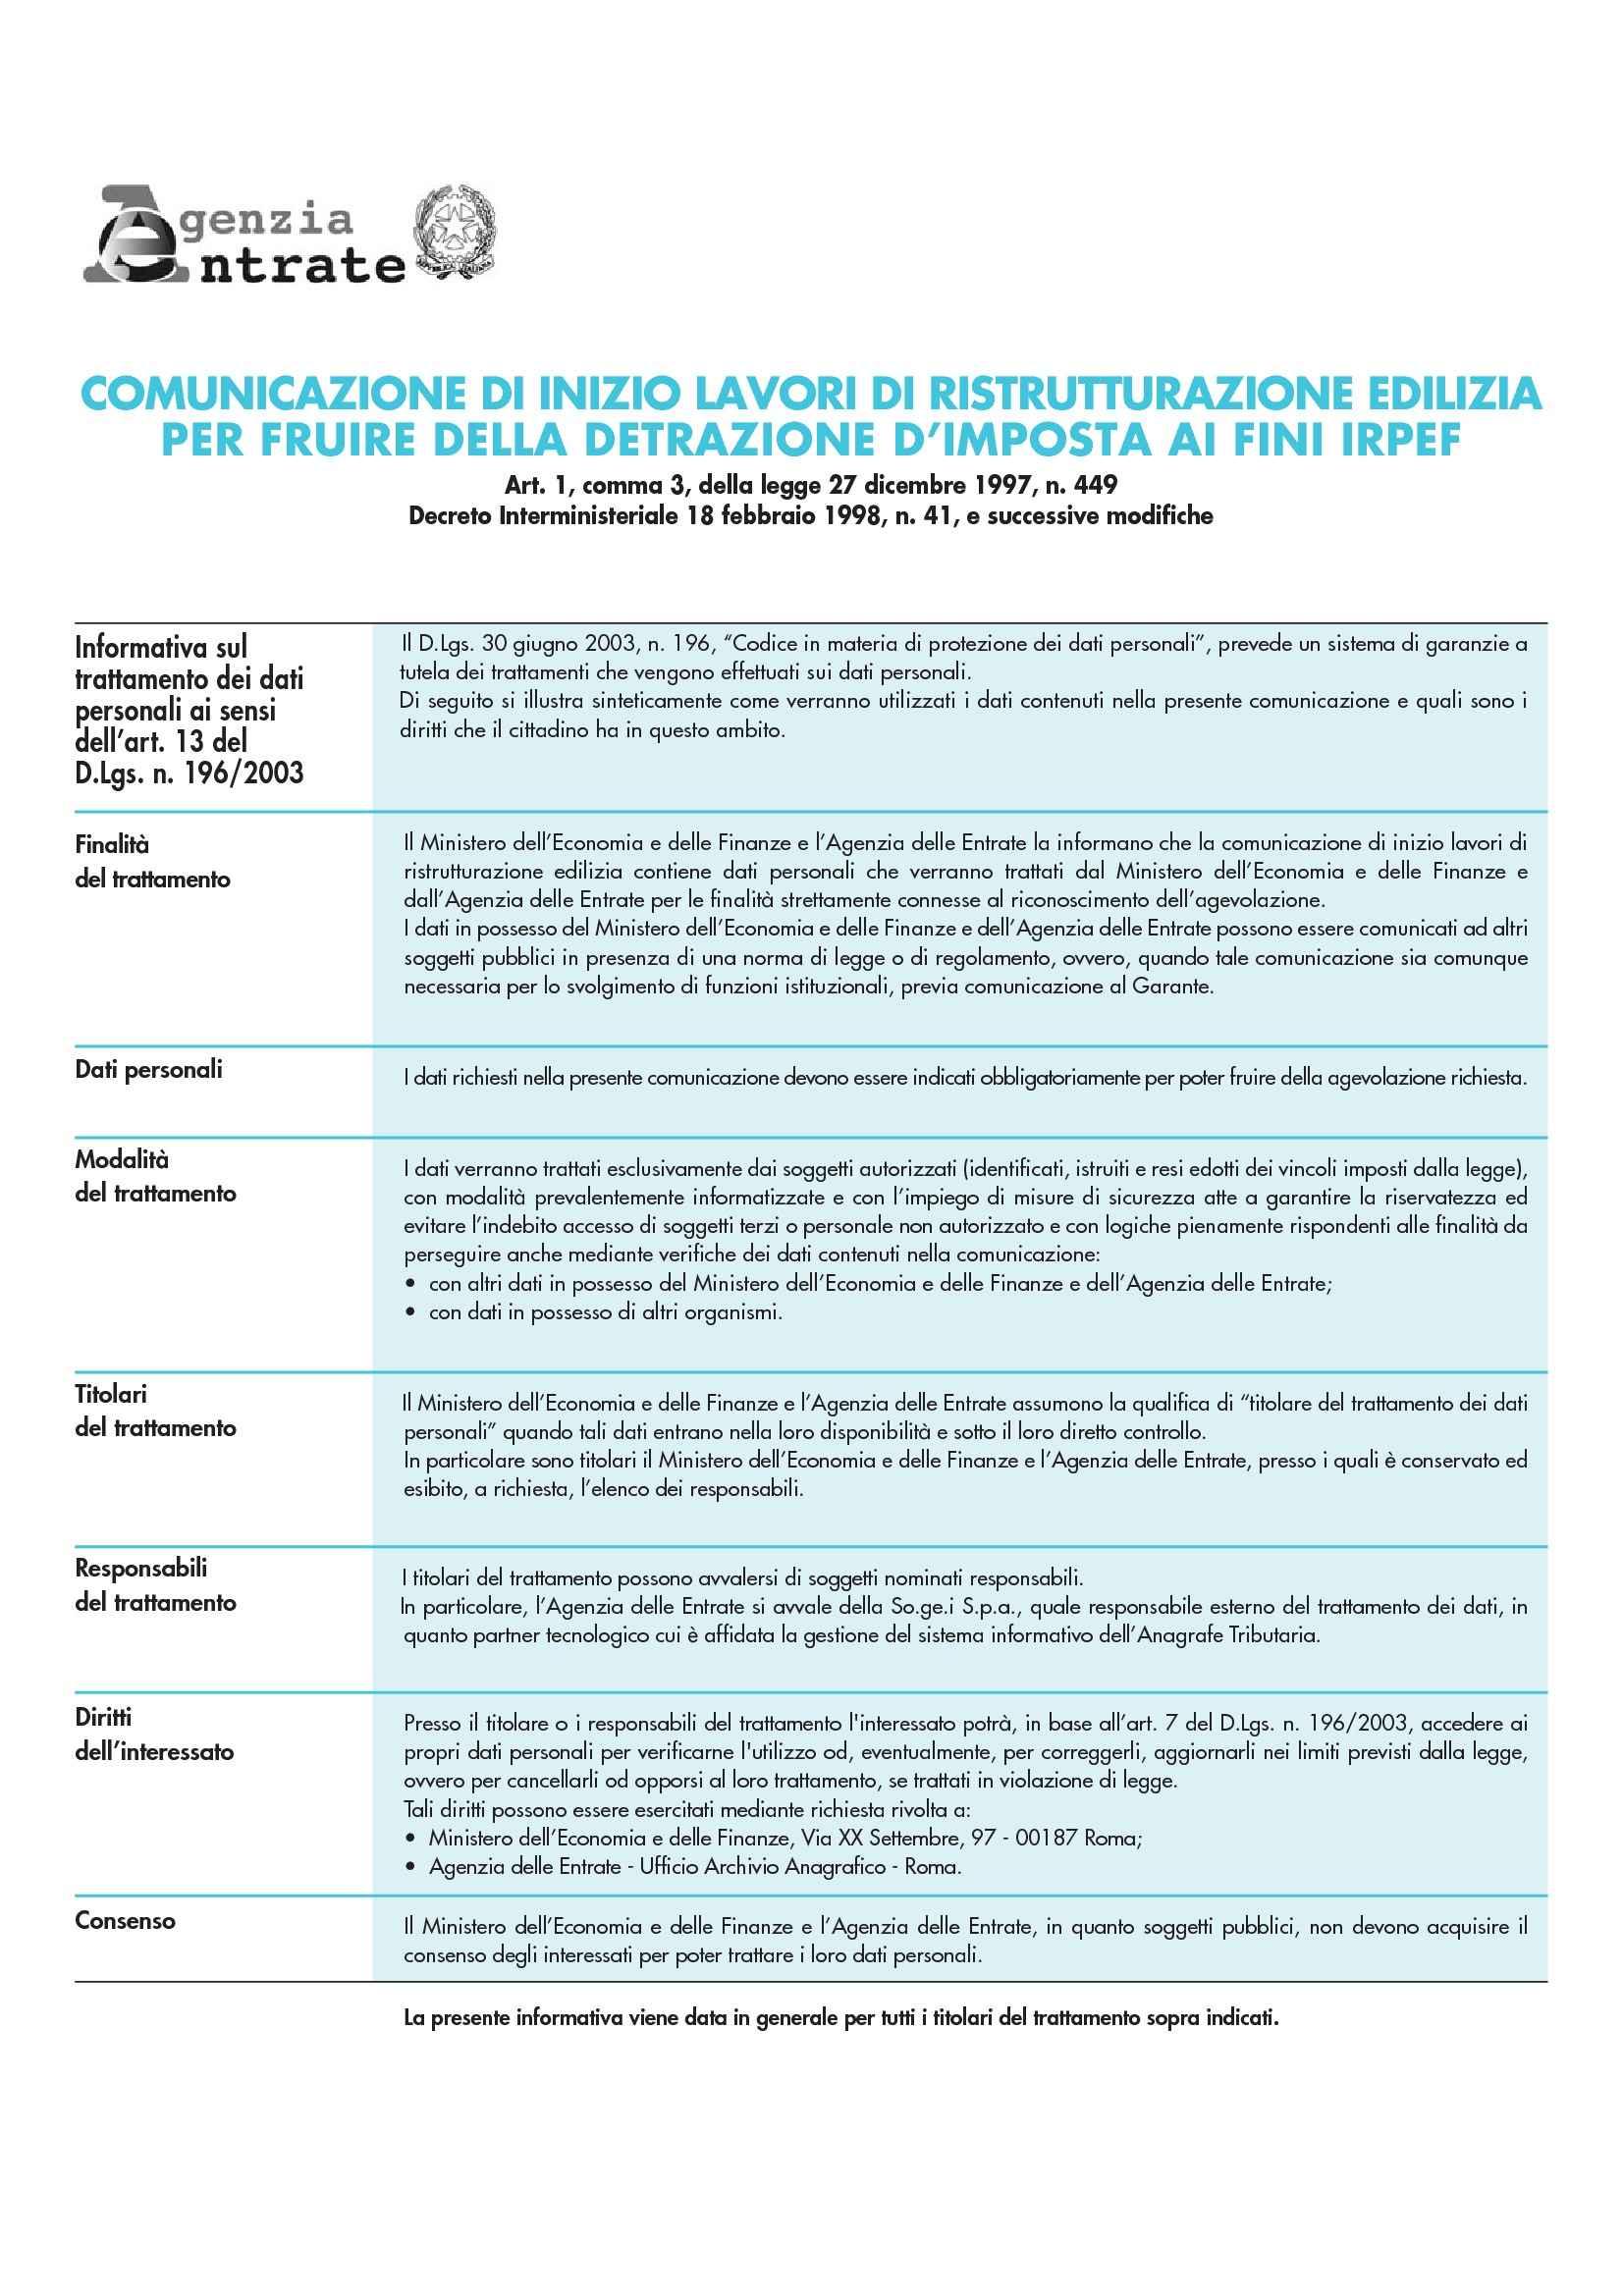 Ristrutturazione edilizia comunicazione di inizio lavori for Comunicazione inizio lavori ristrutturazione bagno